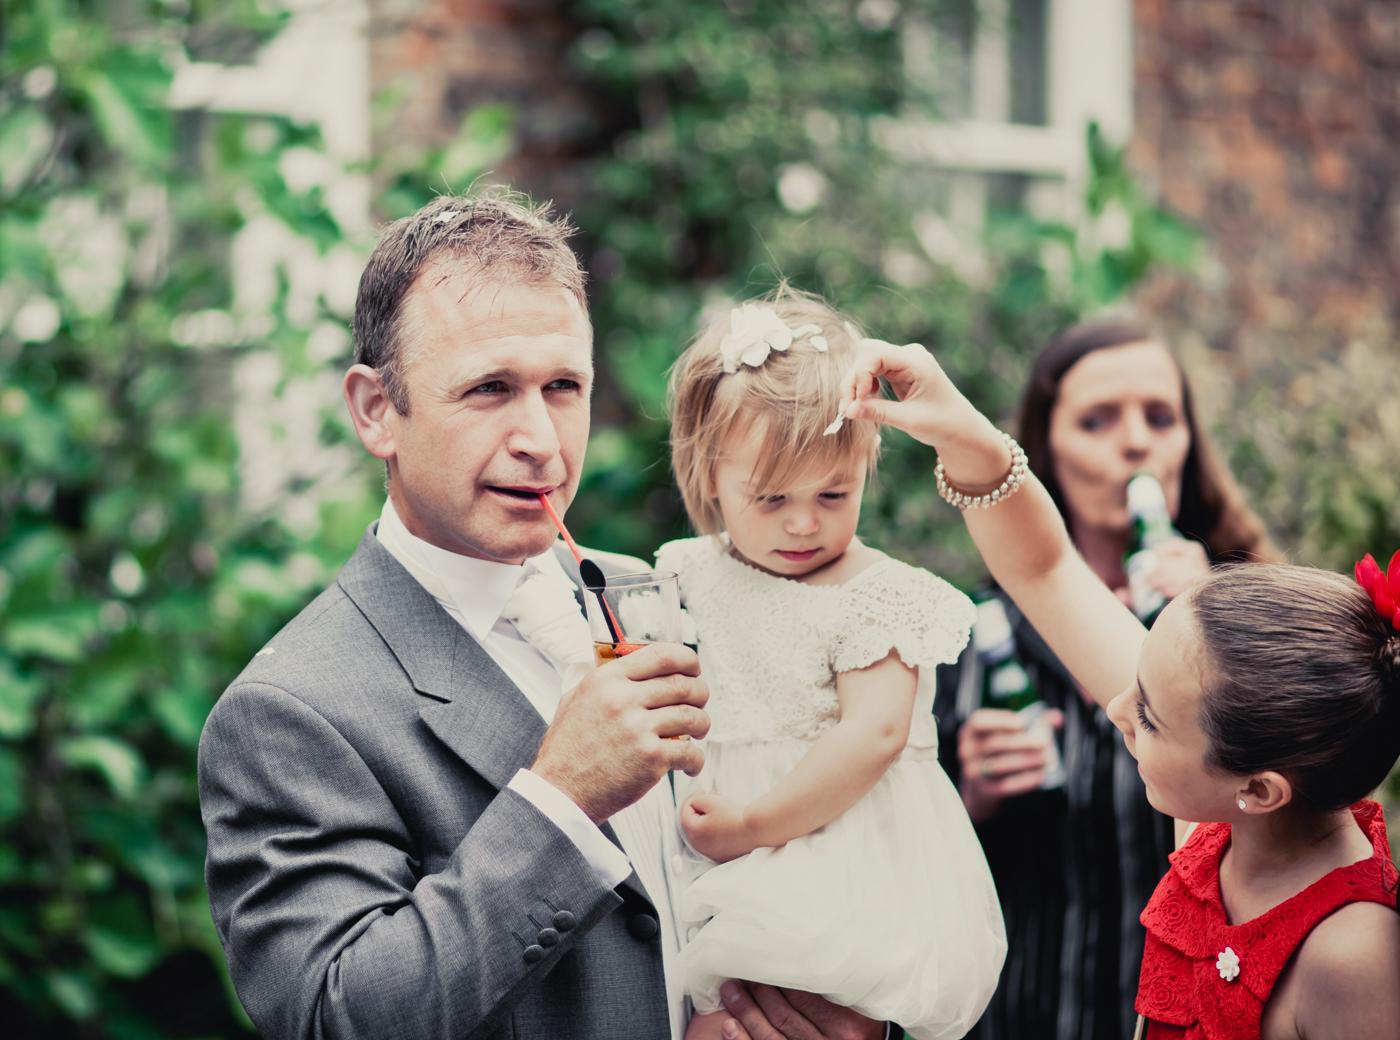 154 Keedy and Carl at The Secret Garden in Retford  - Wedding Photography by Mark Pugh www.markpugh.com_.jpg